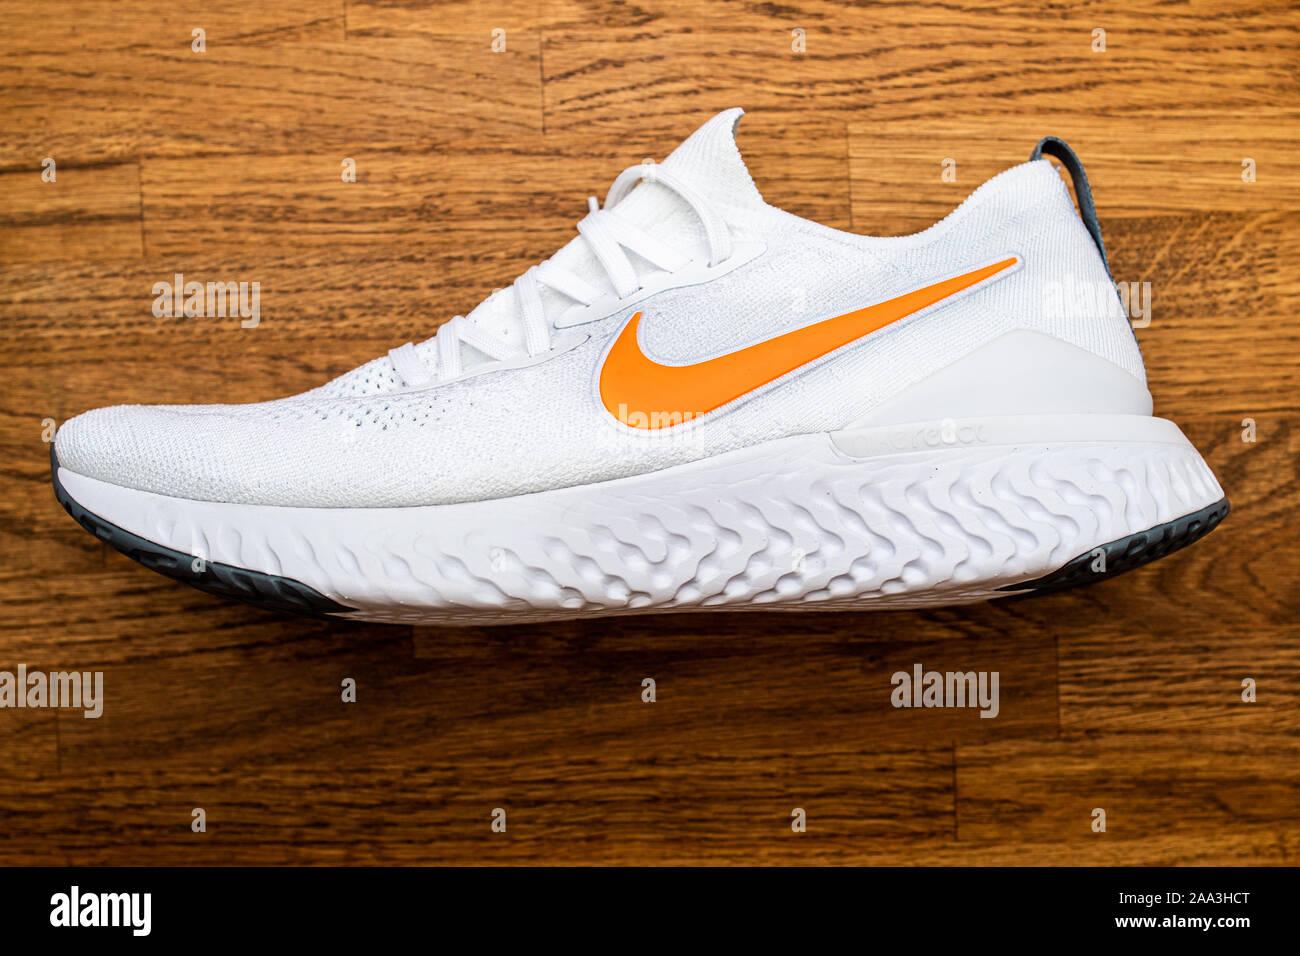 Bilder Nike Trainer Nike StockfotosWeiße Trainer Weiße 0OPw8NXnk